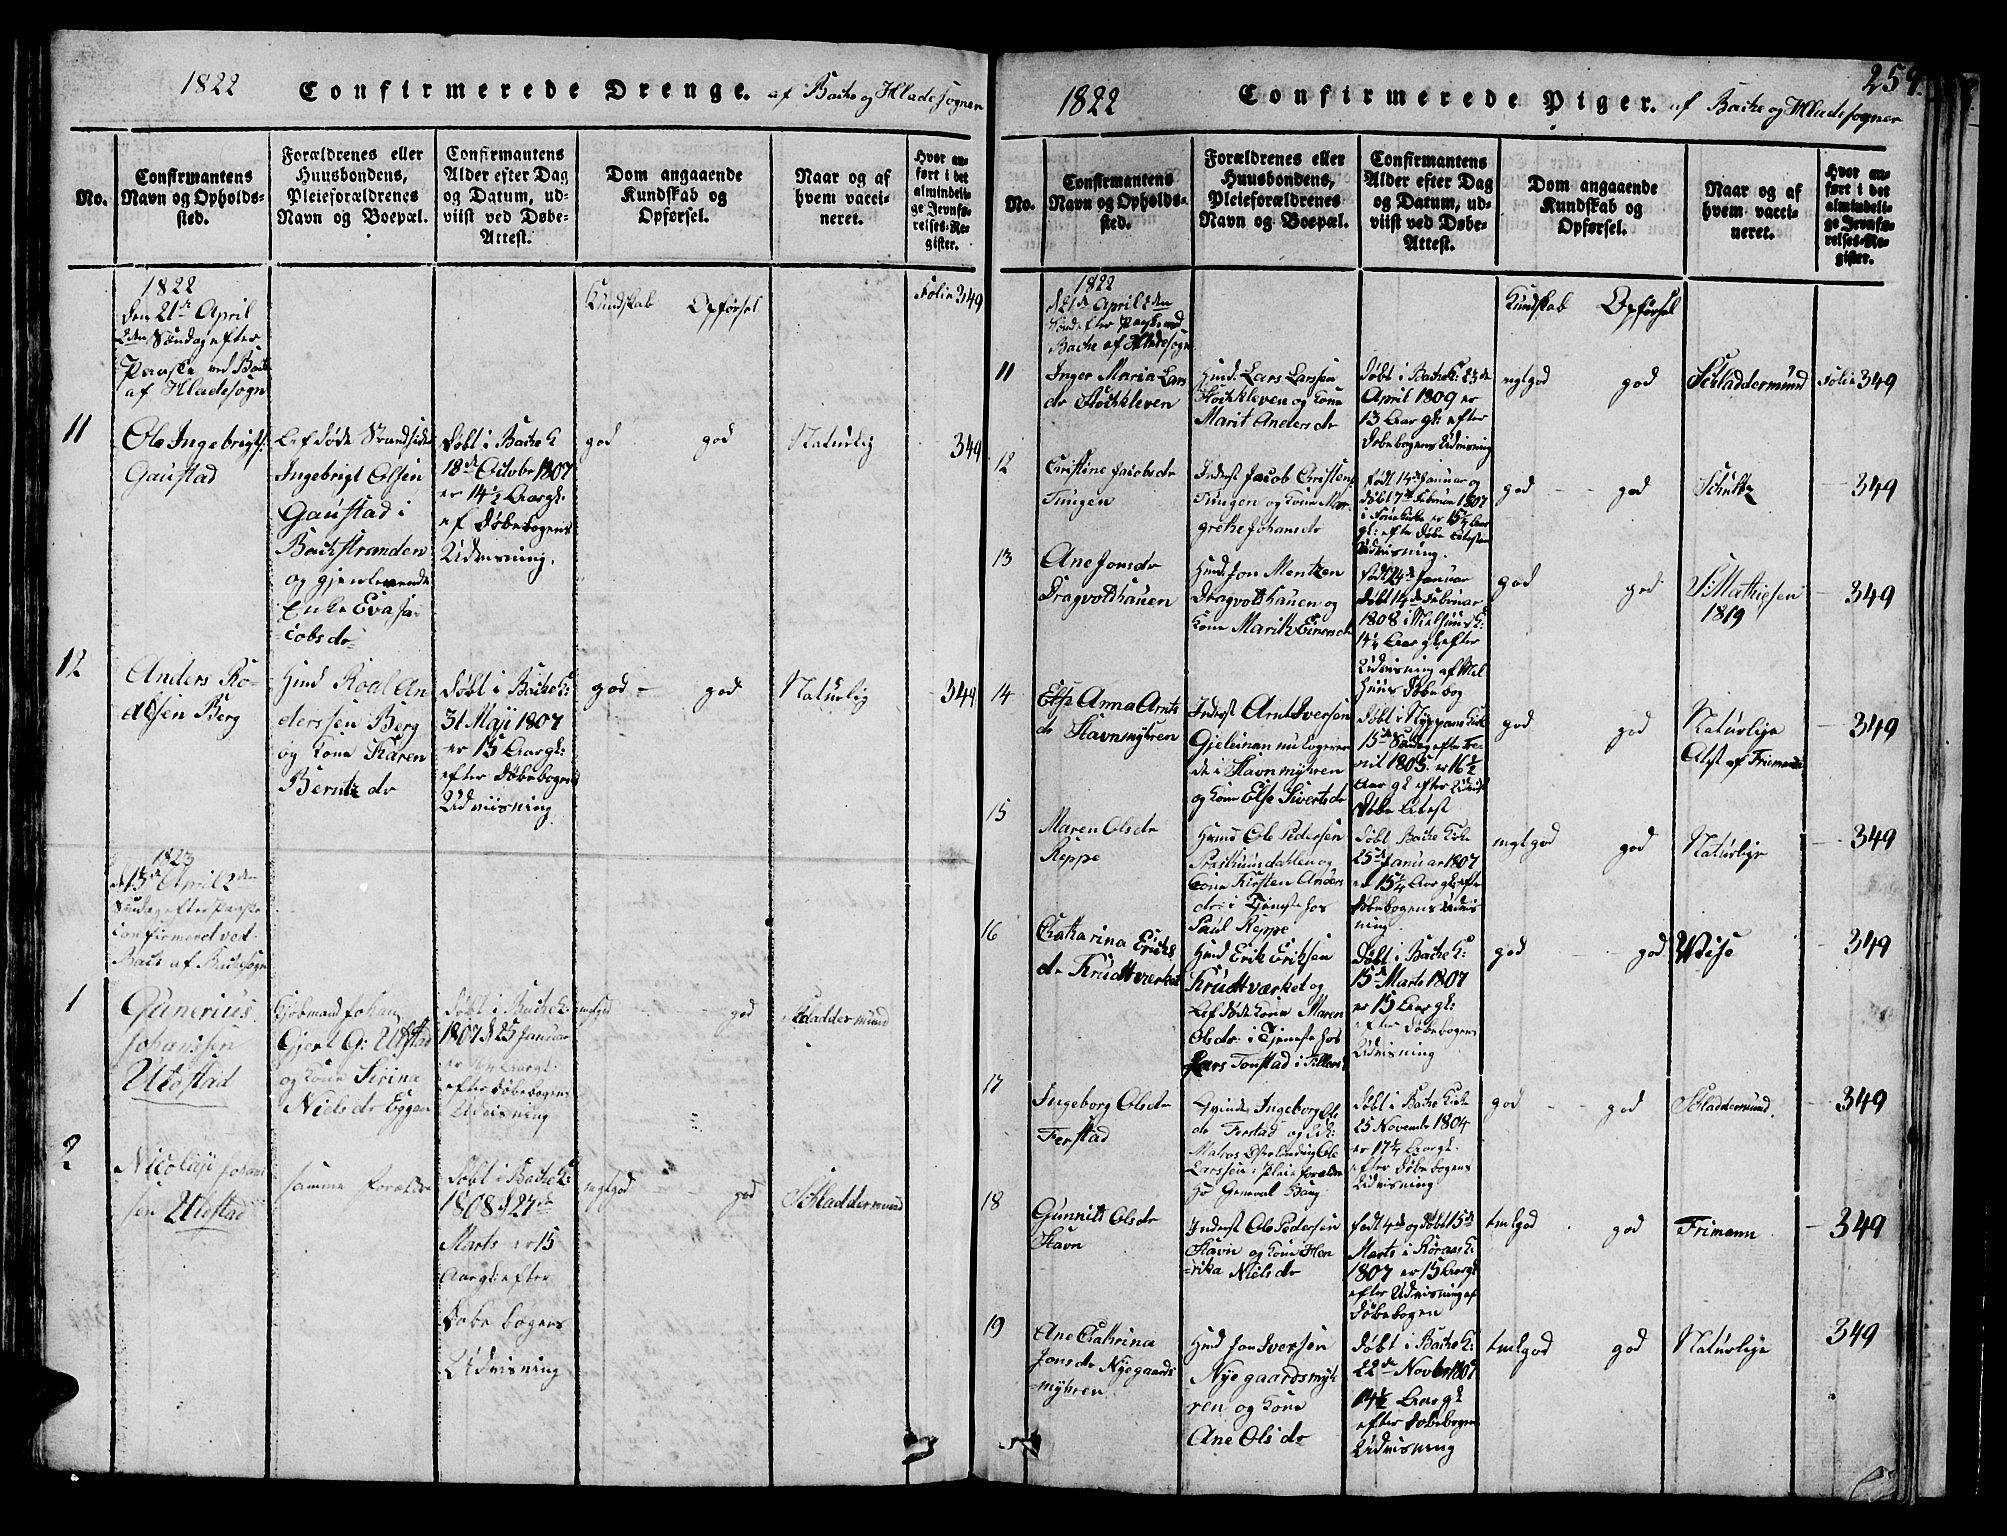 SAT, Ministerialprotokoller, klokkerbøker og fødselsregistre - Sør-Trøndelag, 606/L0307: Klokkerbok nr. 606C03, 1817-1824, s. 259